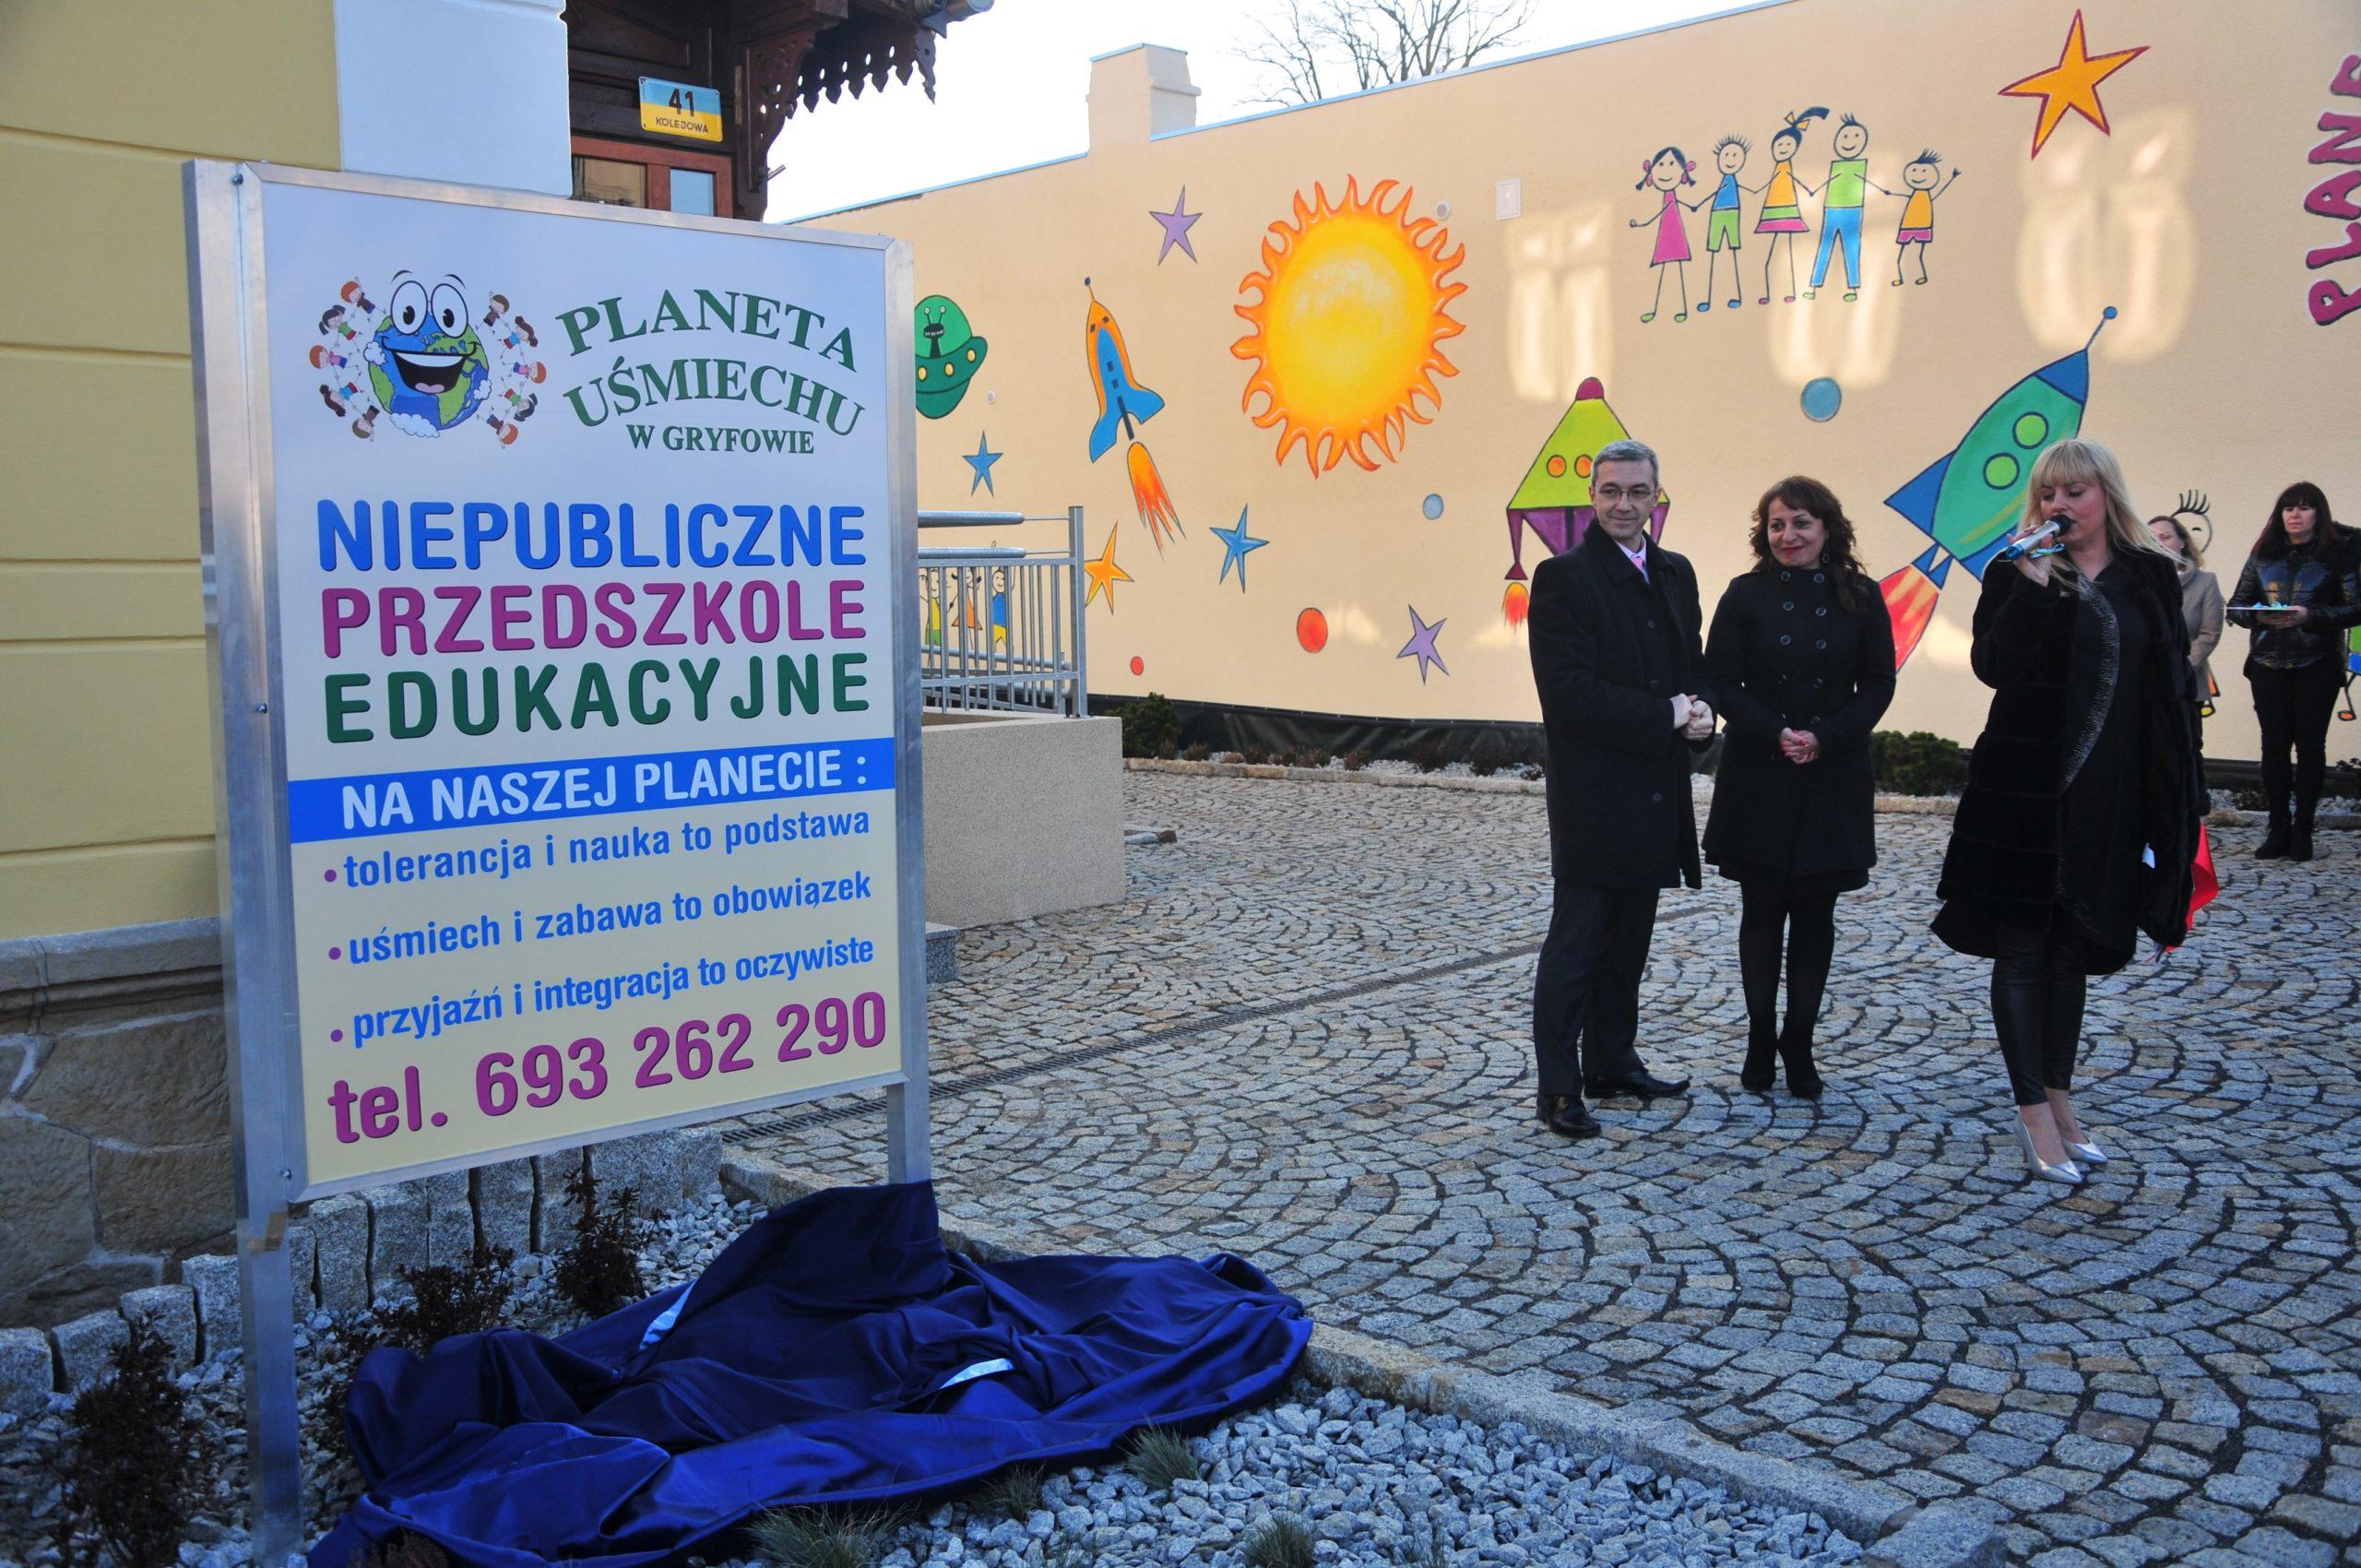 Nowe przedszkole w Gryfowie Śląskim